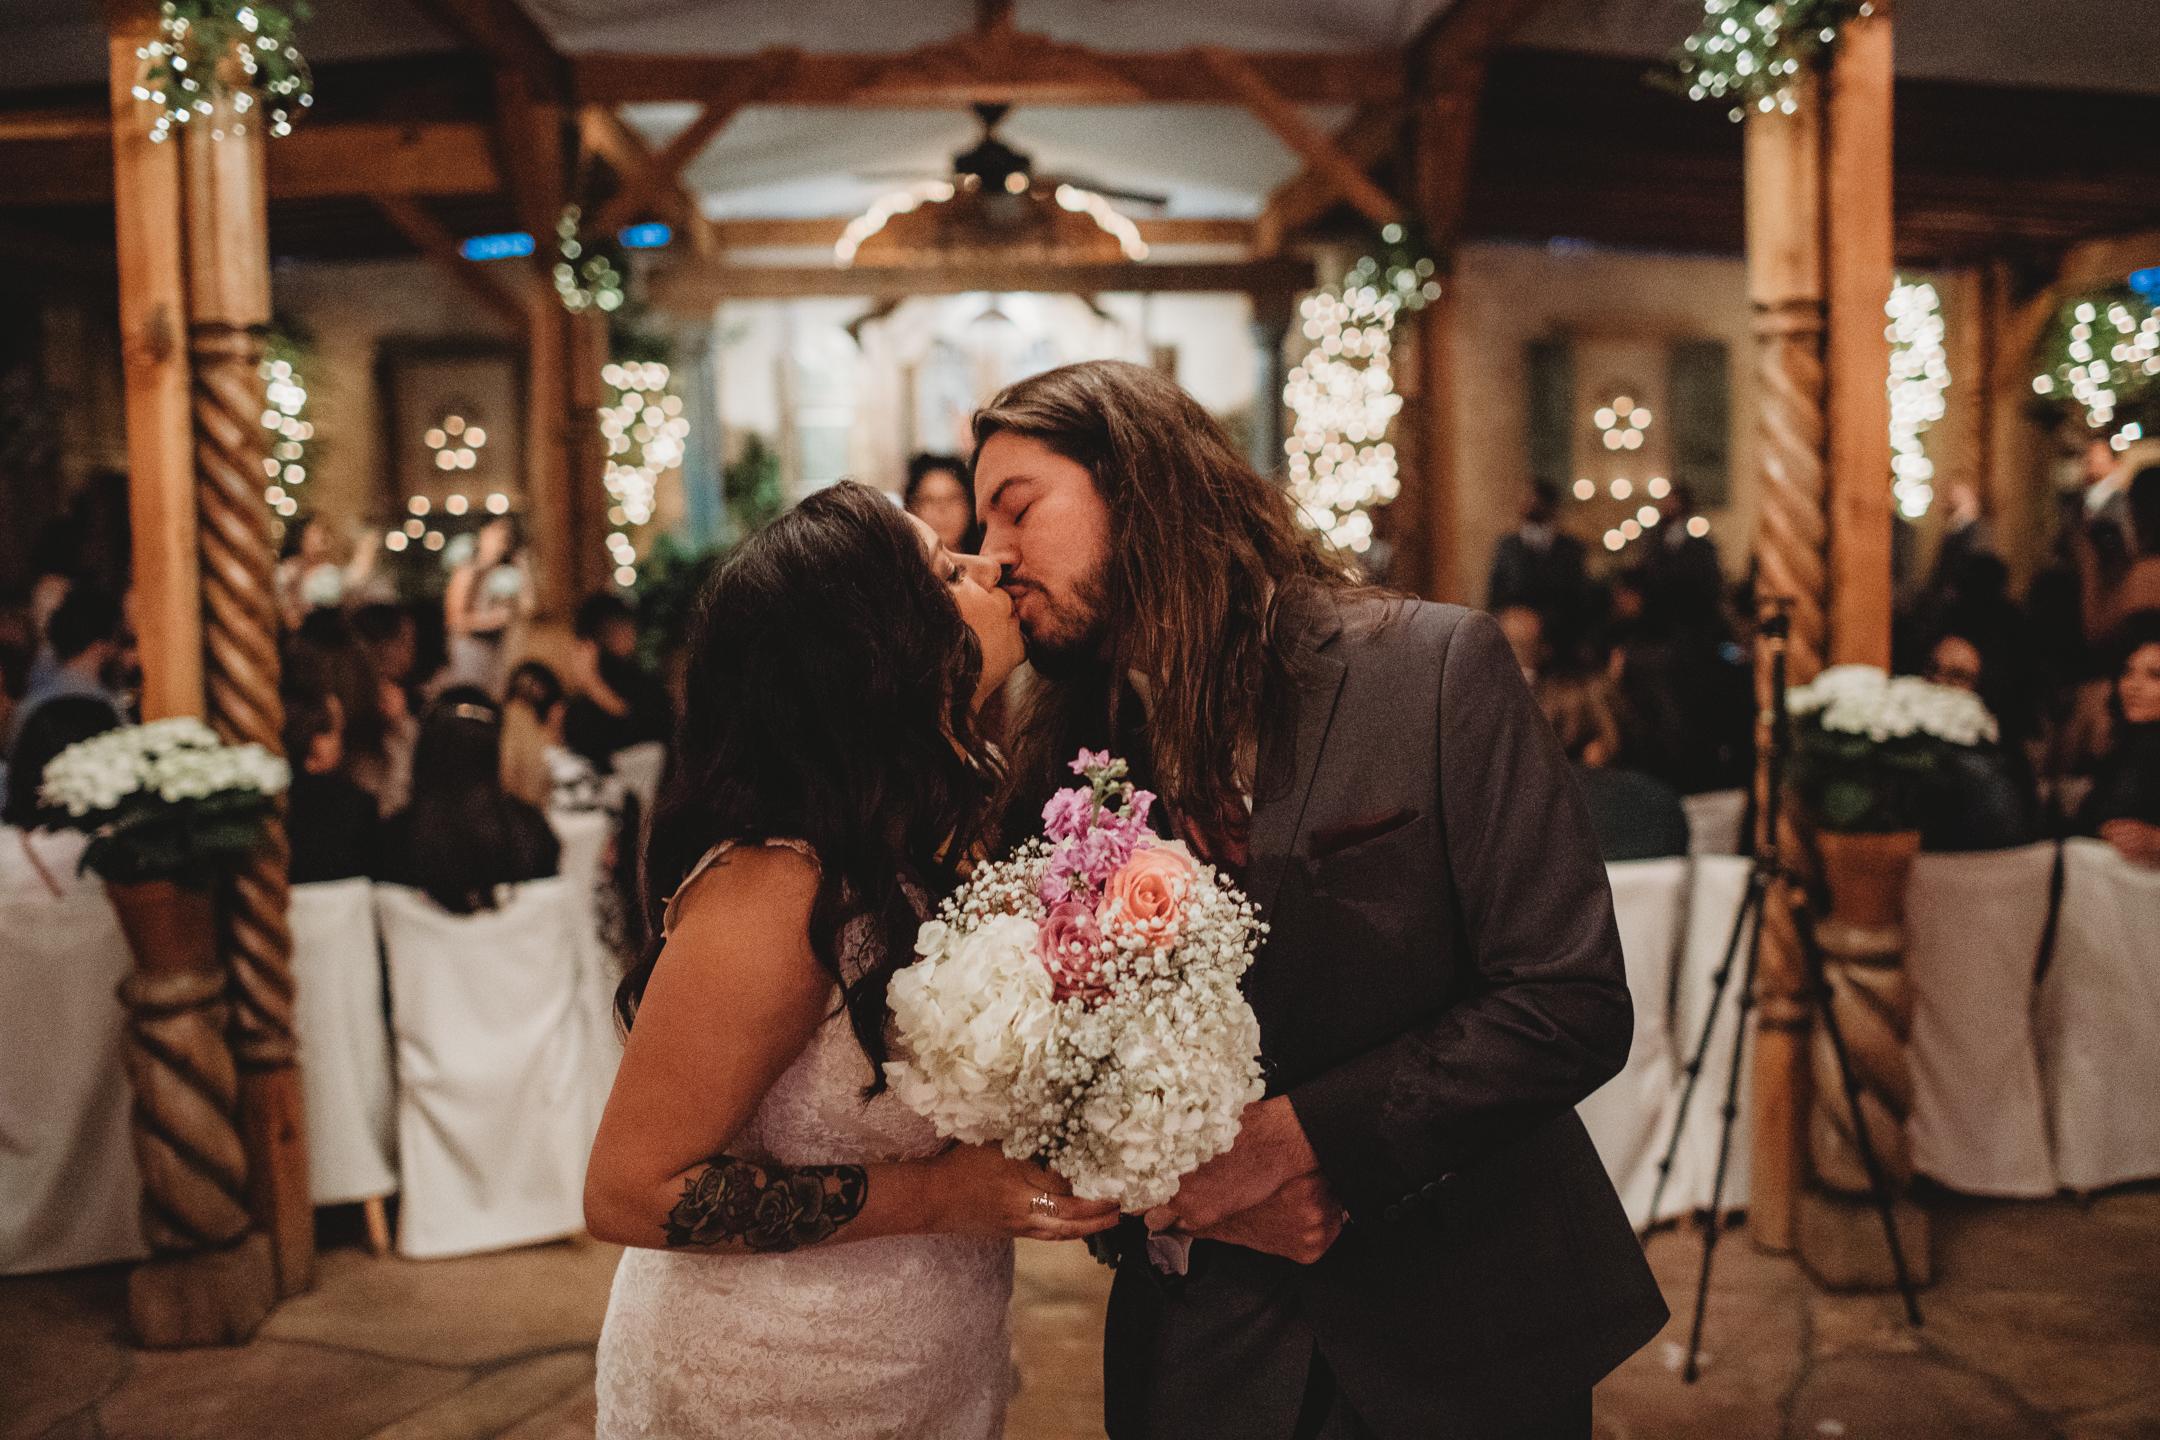 2018.04.27 Walde & Julia Wedding Preivew-63